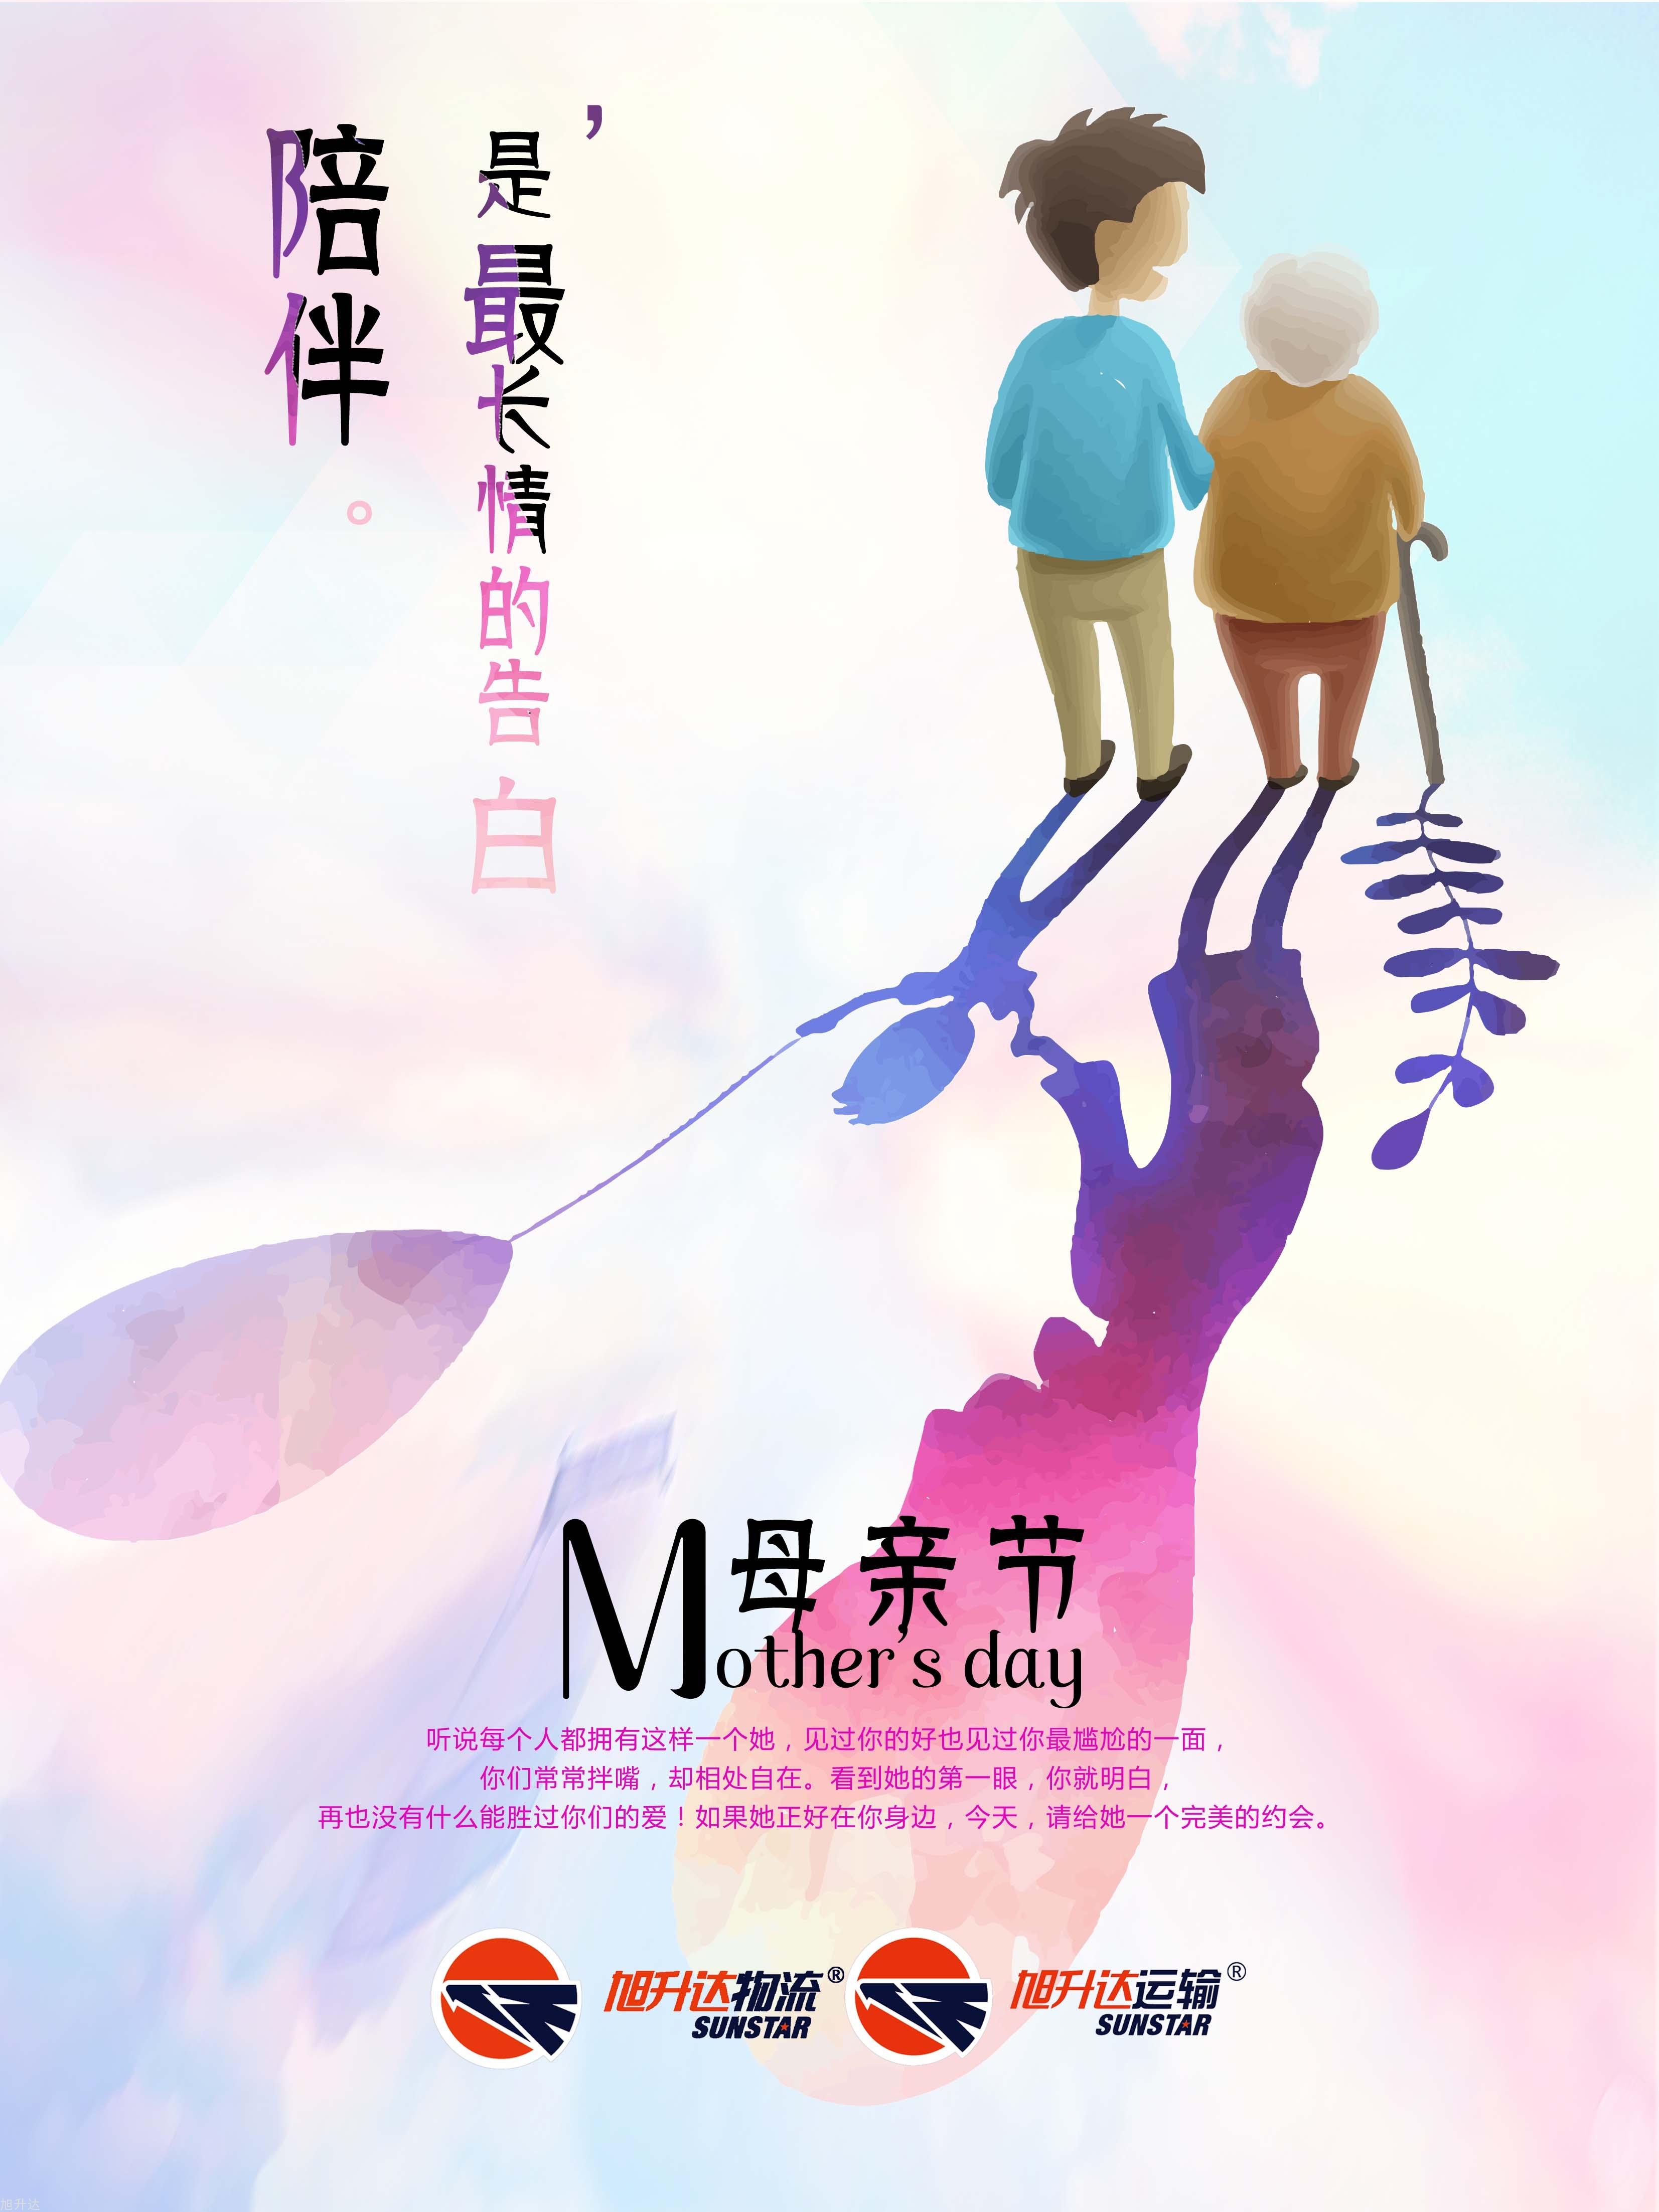 1母亲节节日宣传海报.jpg